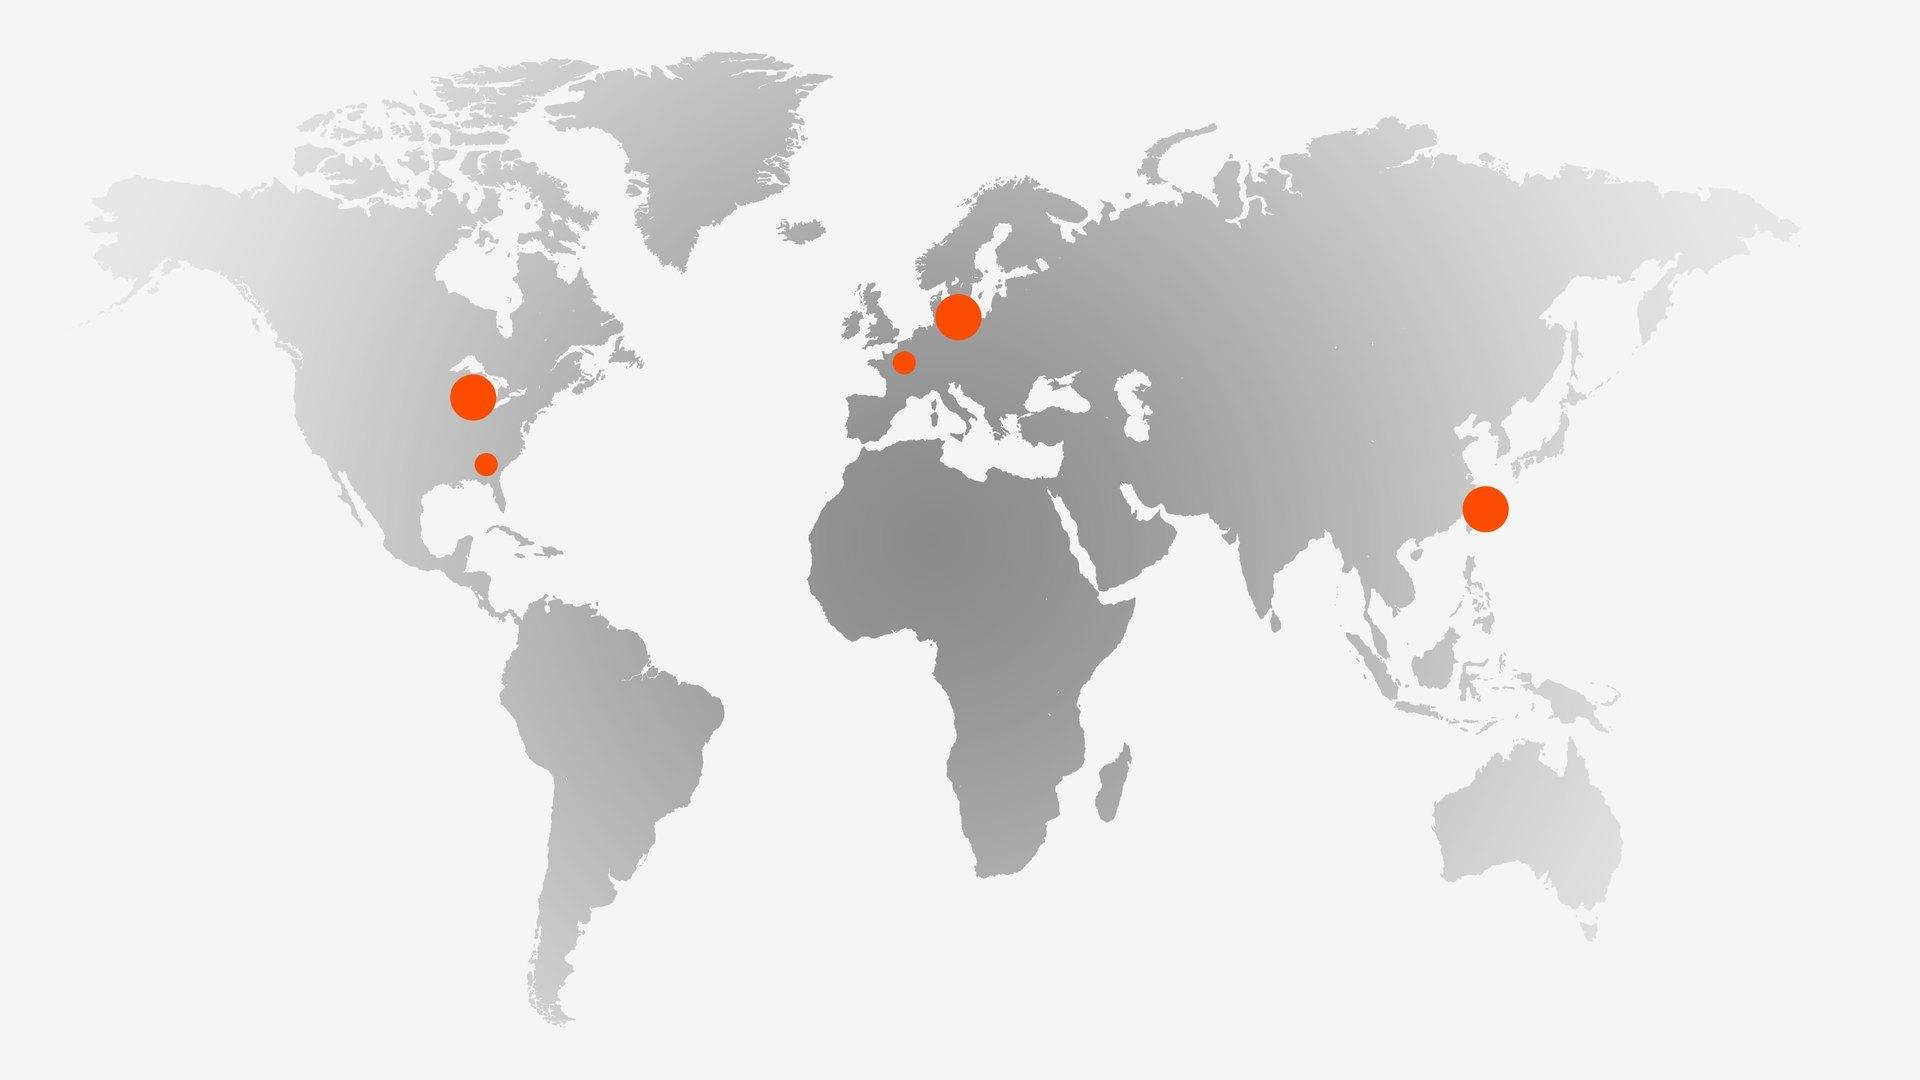 世界地圖,各點代表 SteelSeries 設有辦公室的城市